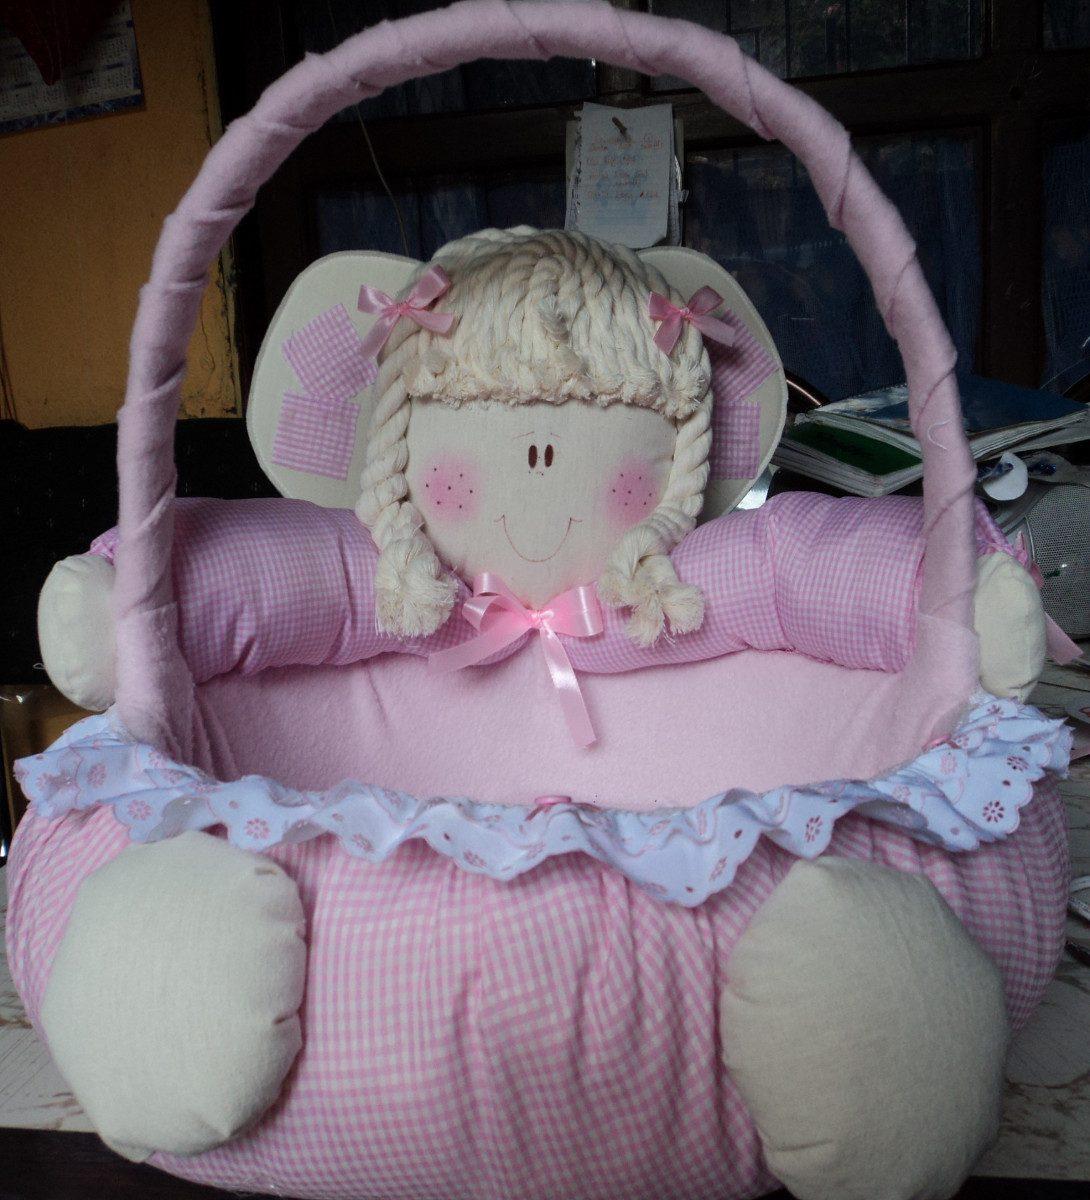 canastas para baby shower bautizo regalo para un bebe mlm f 2787468998